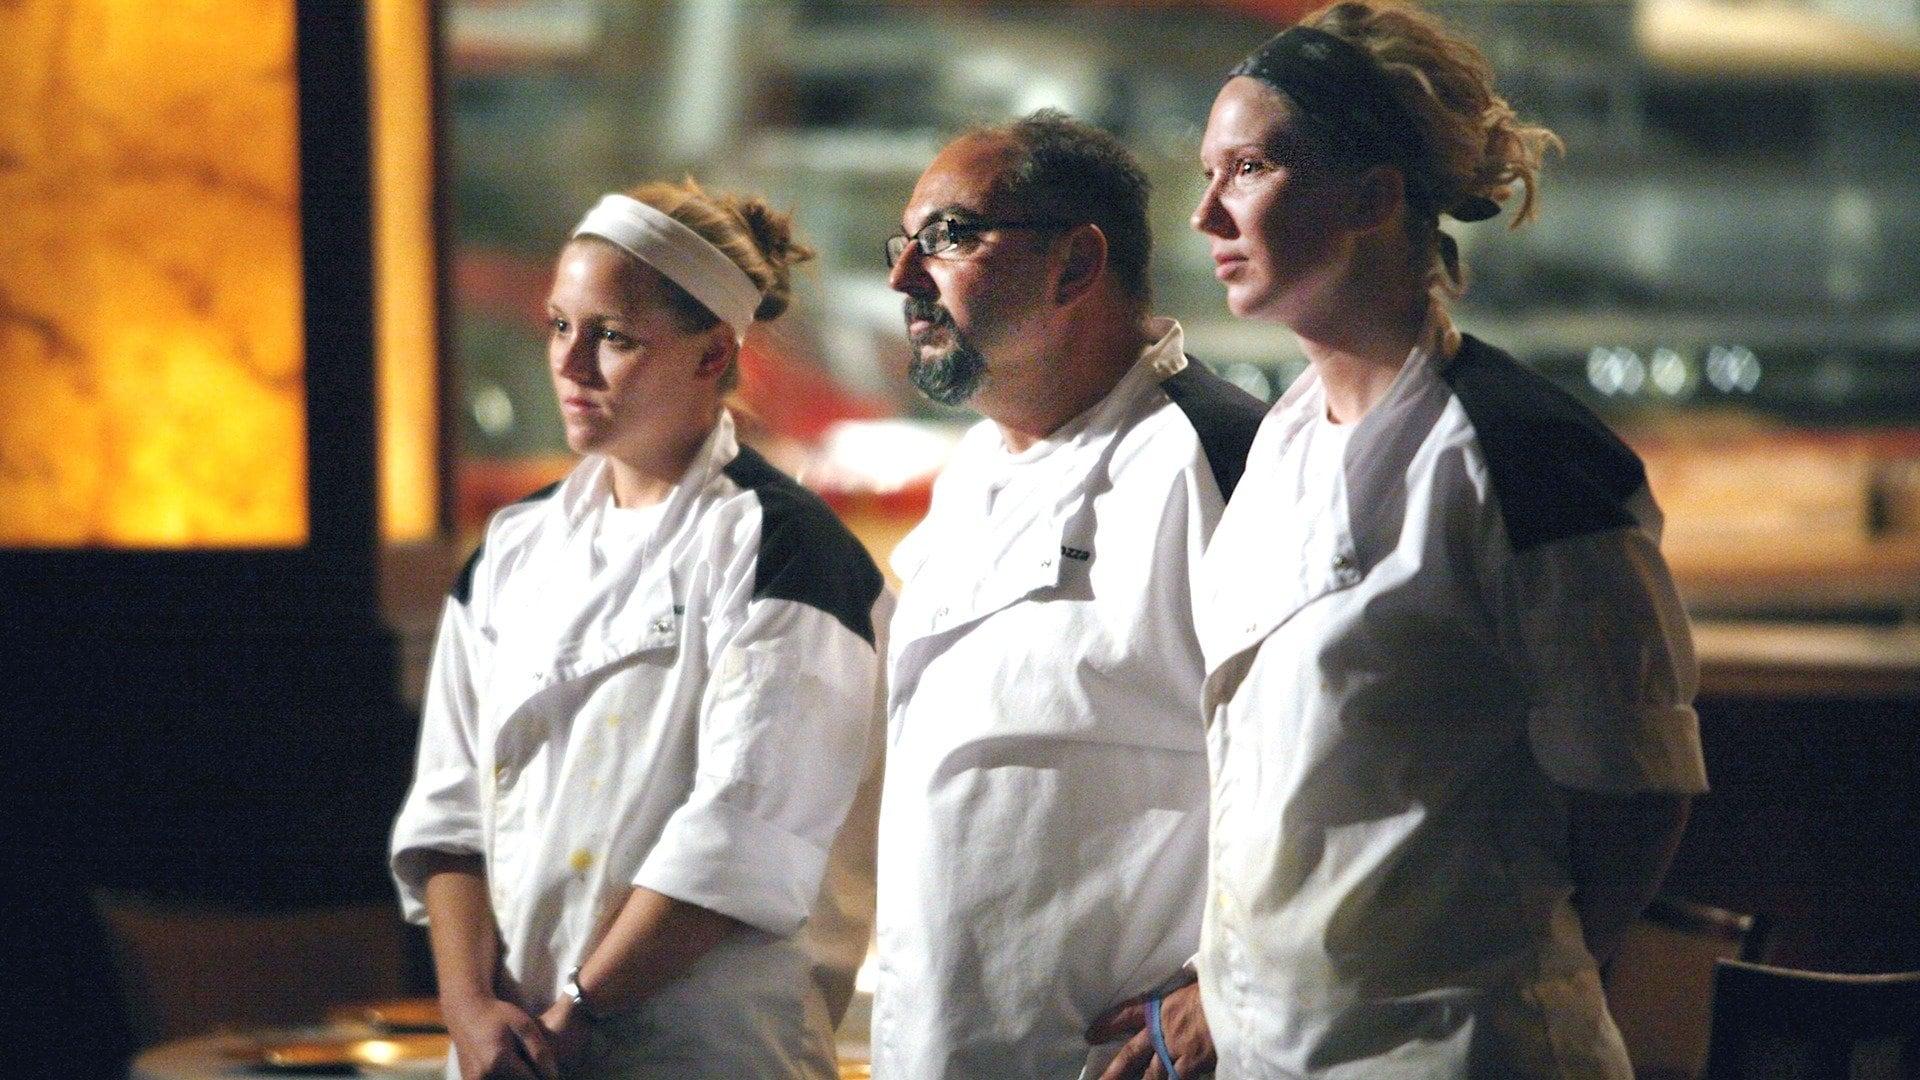 3 Chefs Compete